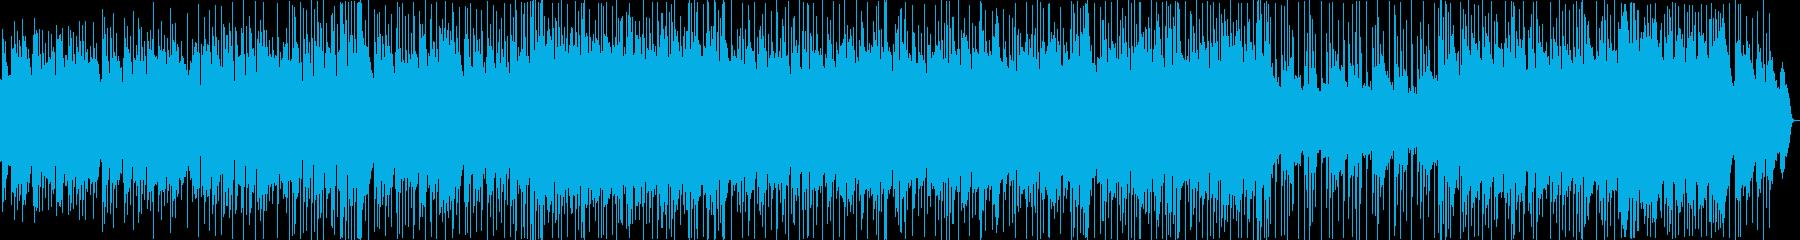 アドベンチャーなBGMですの再生済みの波形